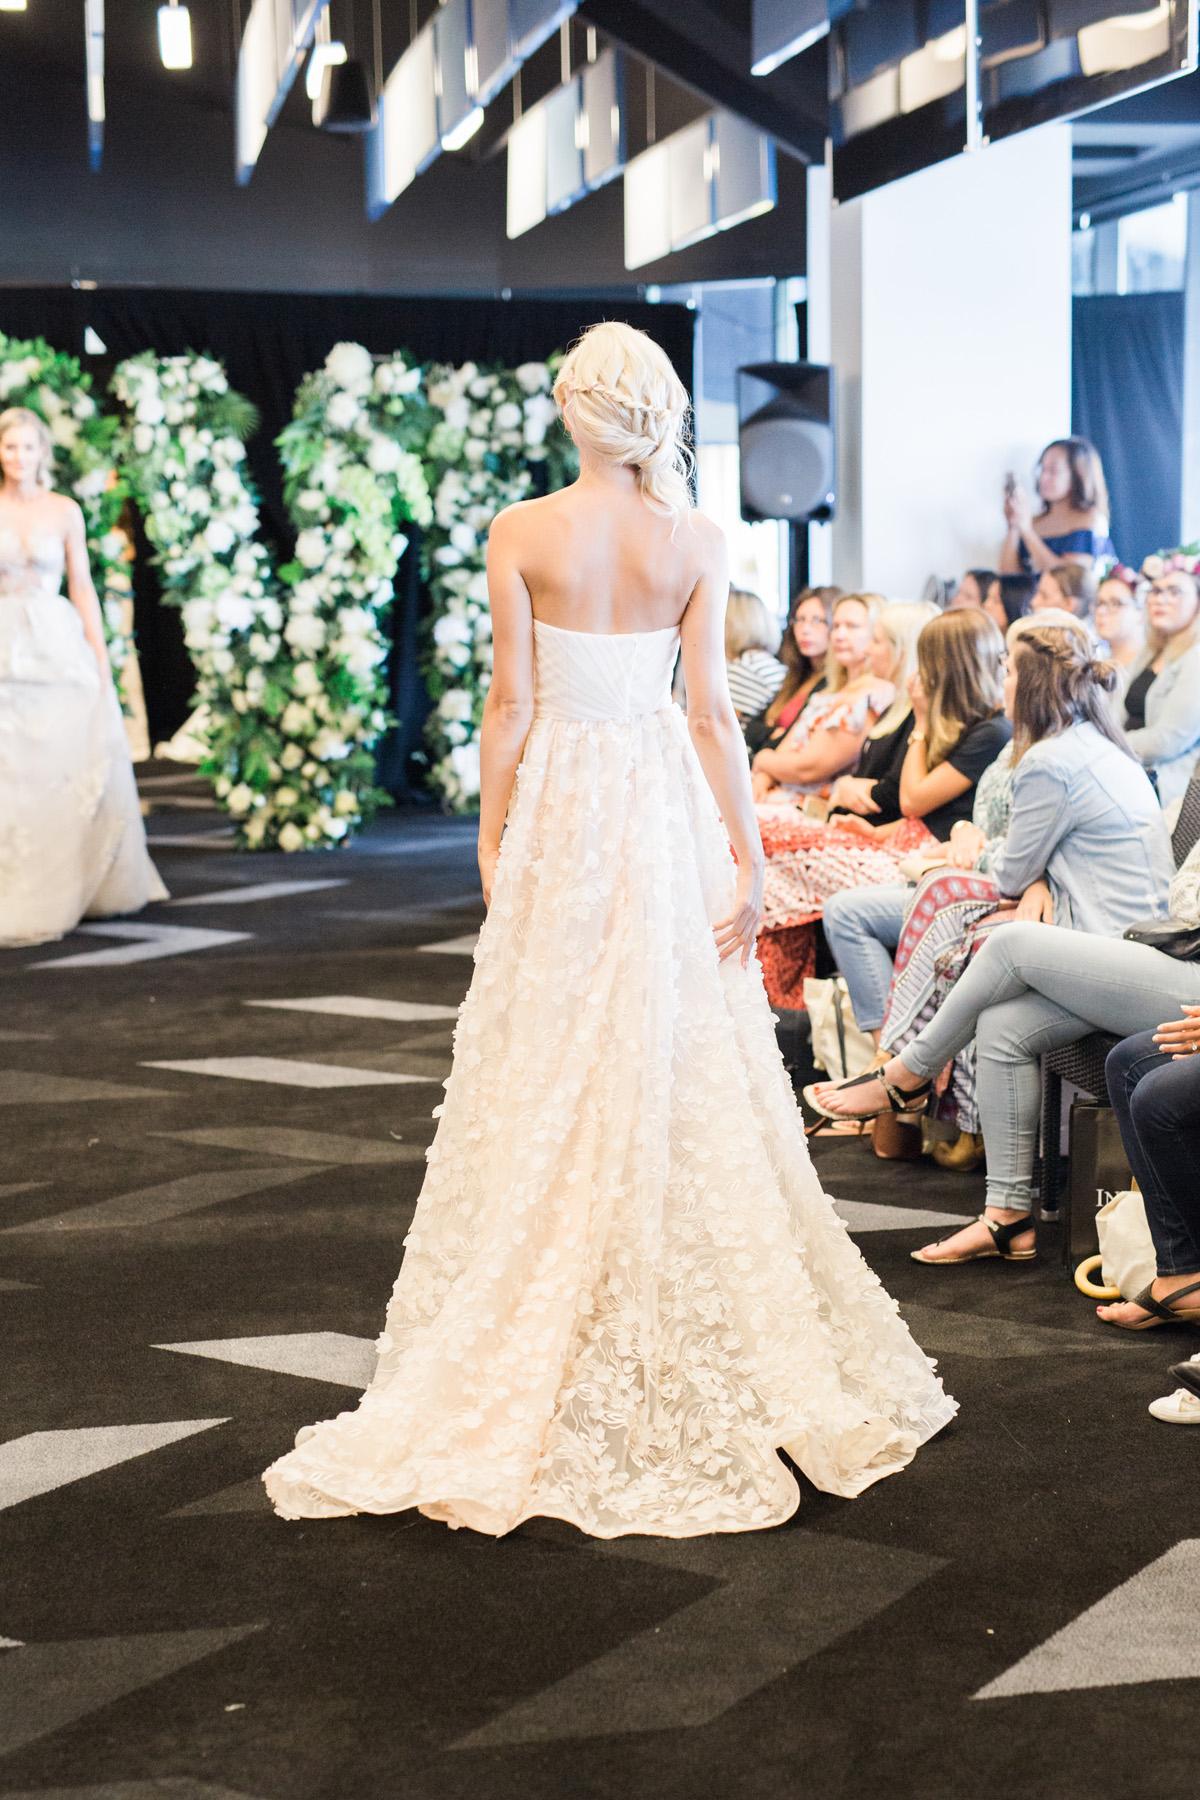 Love-Wedding-Festival-Sydney-Wedding-Gown-Angela-Osagie-6.jpg